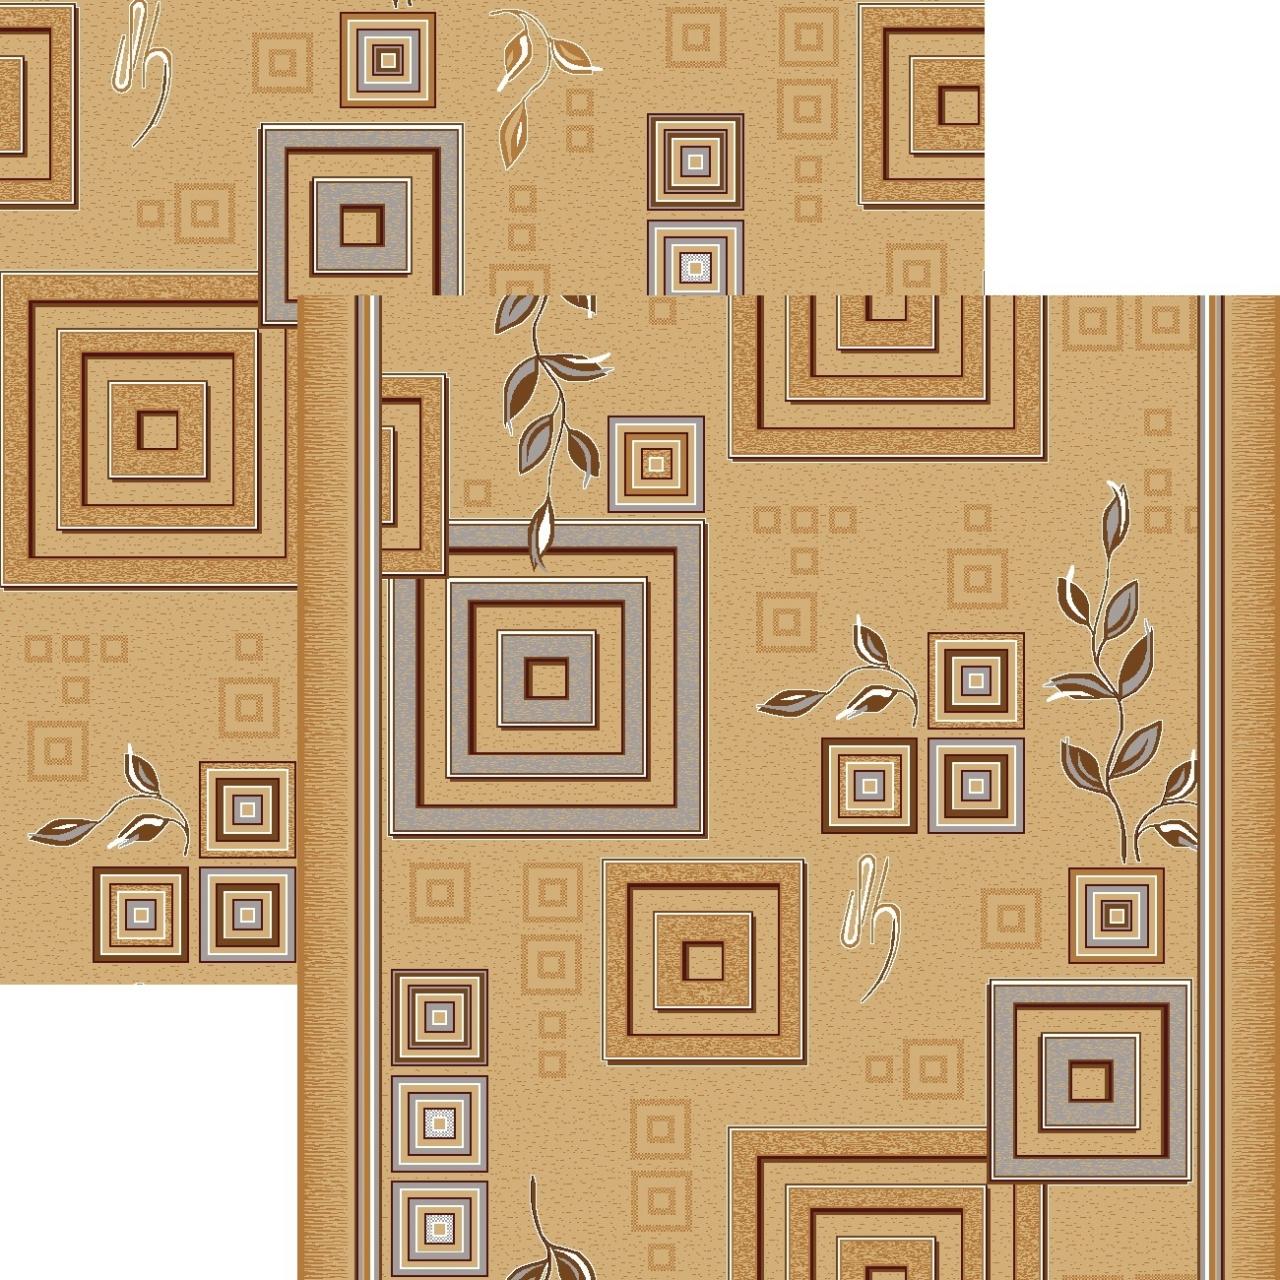 принт 8-ми цветное полотно - p1257d2p - 34